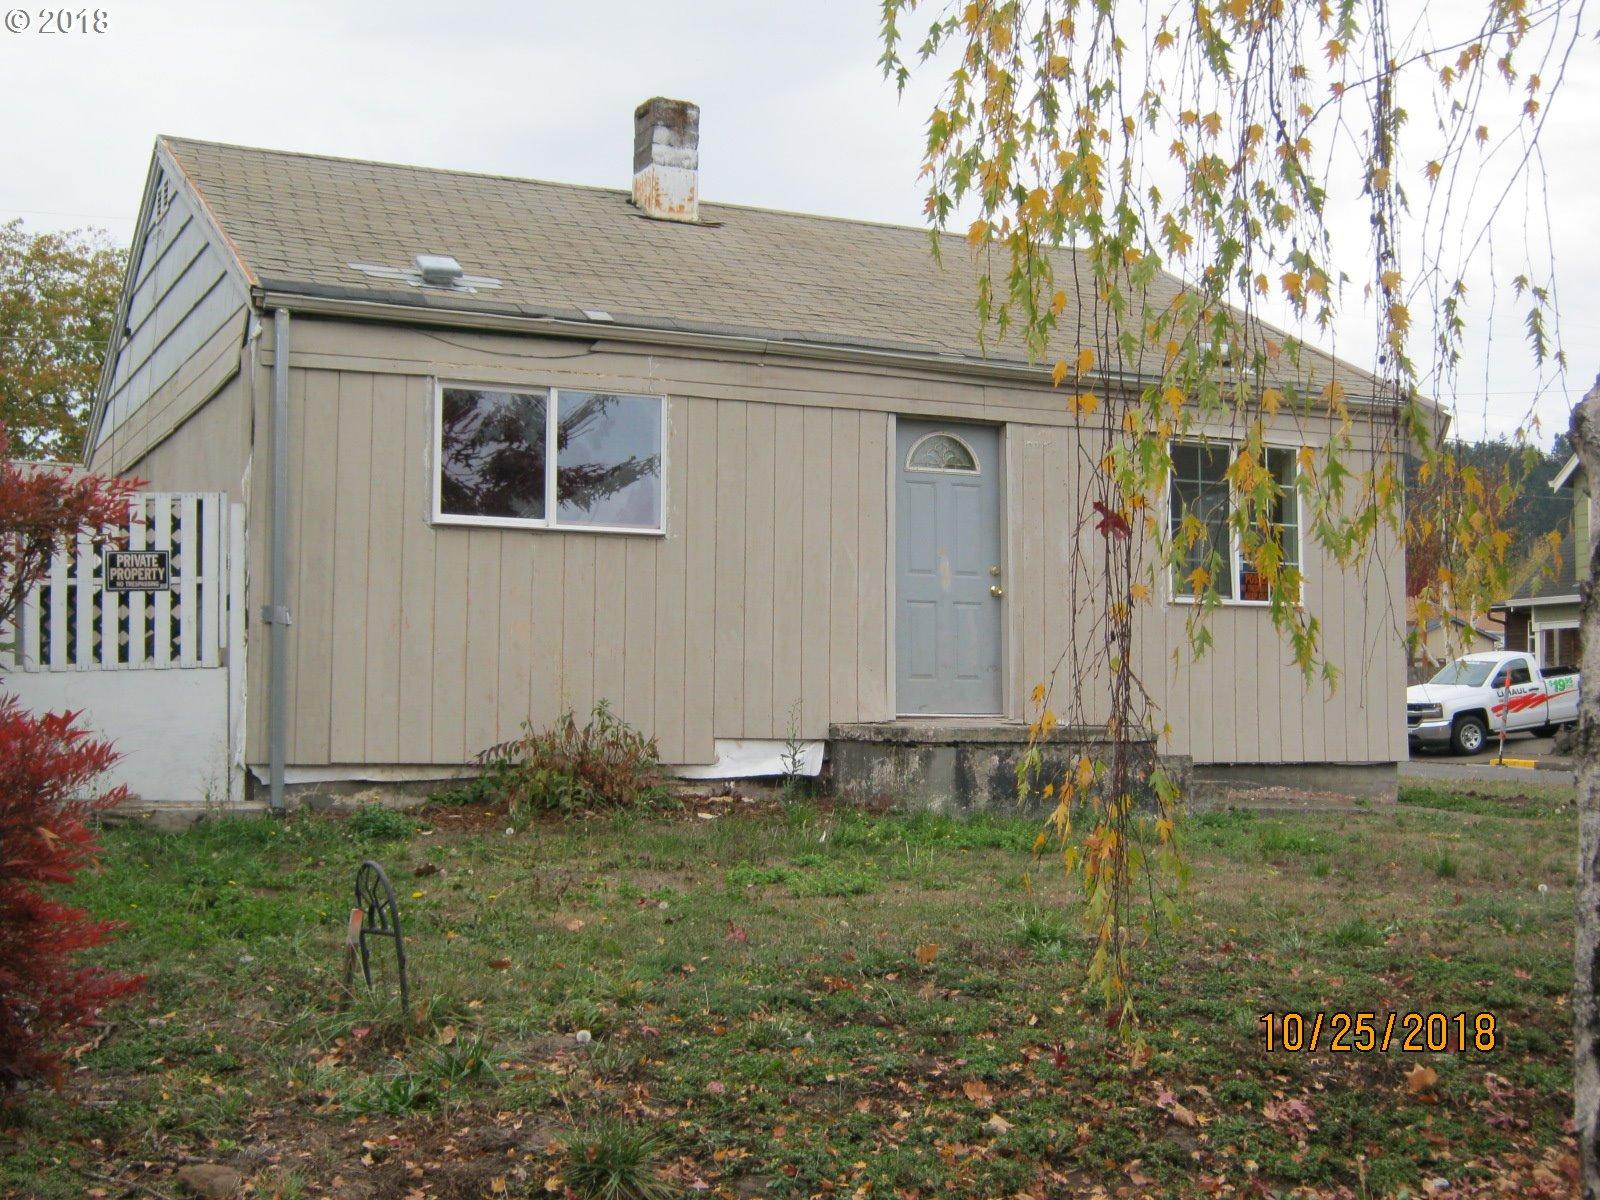 2895 KINCAID ST Eugene, OR 97405 - MLS #: 18607297